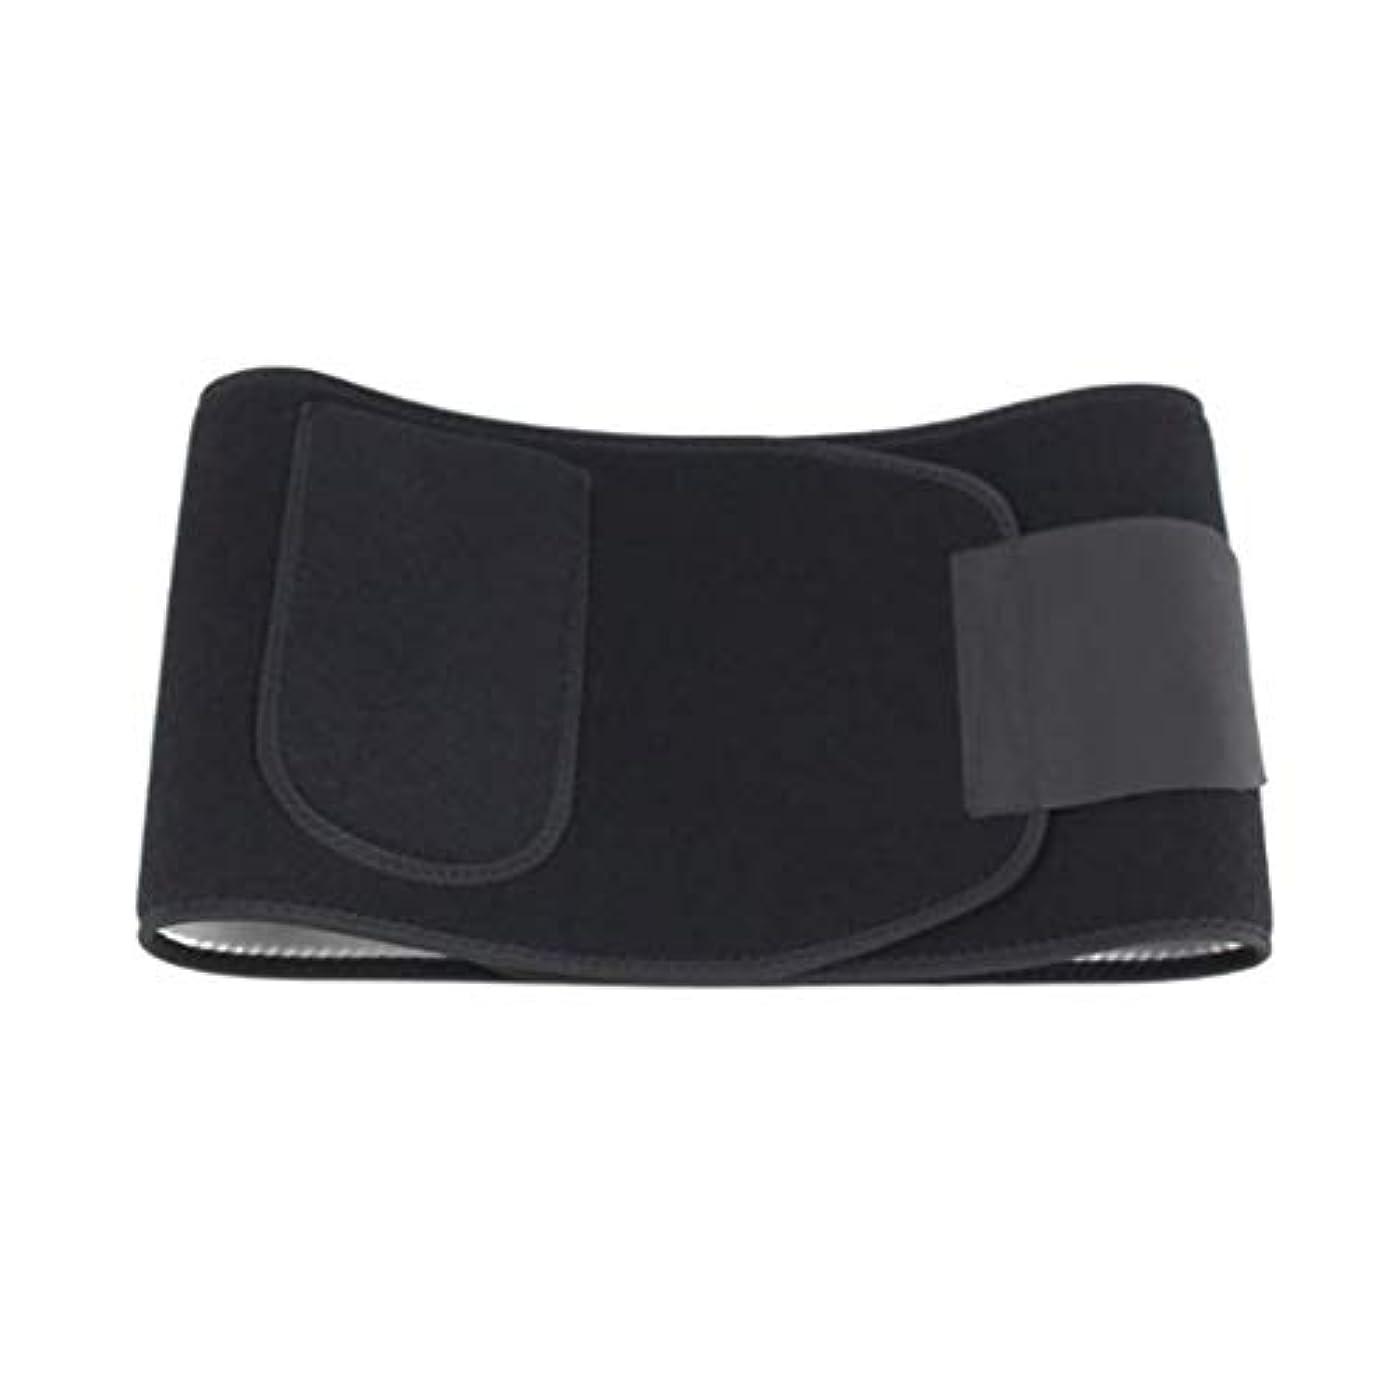 機関ヒョウ仮定ウエスト/腰暖かいベルト、携帯用バックサポートベルト、ワーキング/スポーツ/フィットネスのために適切な弾性シェーピングスリミングスポーツベルト、